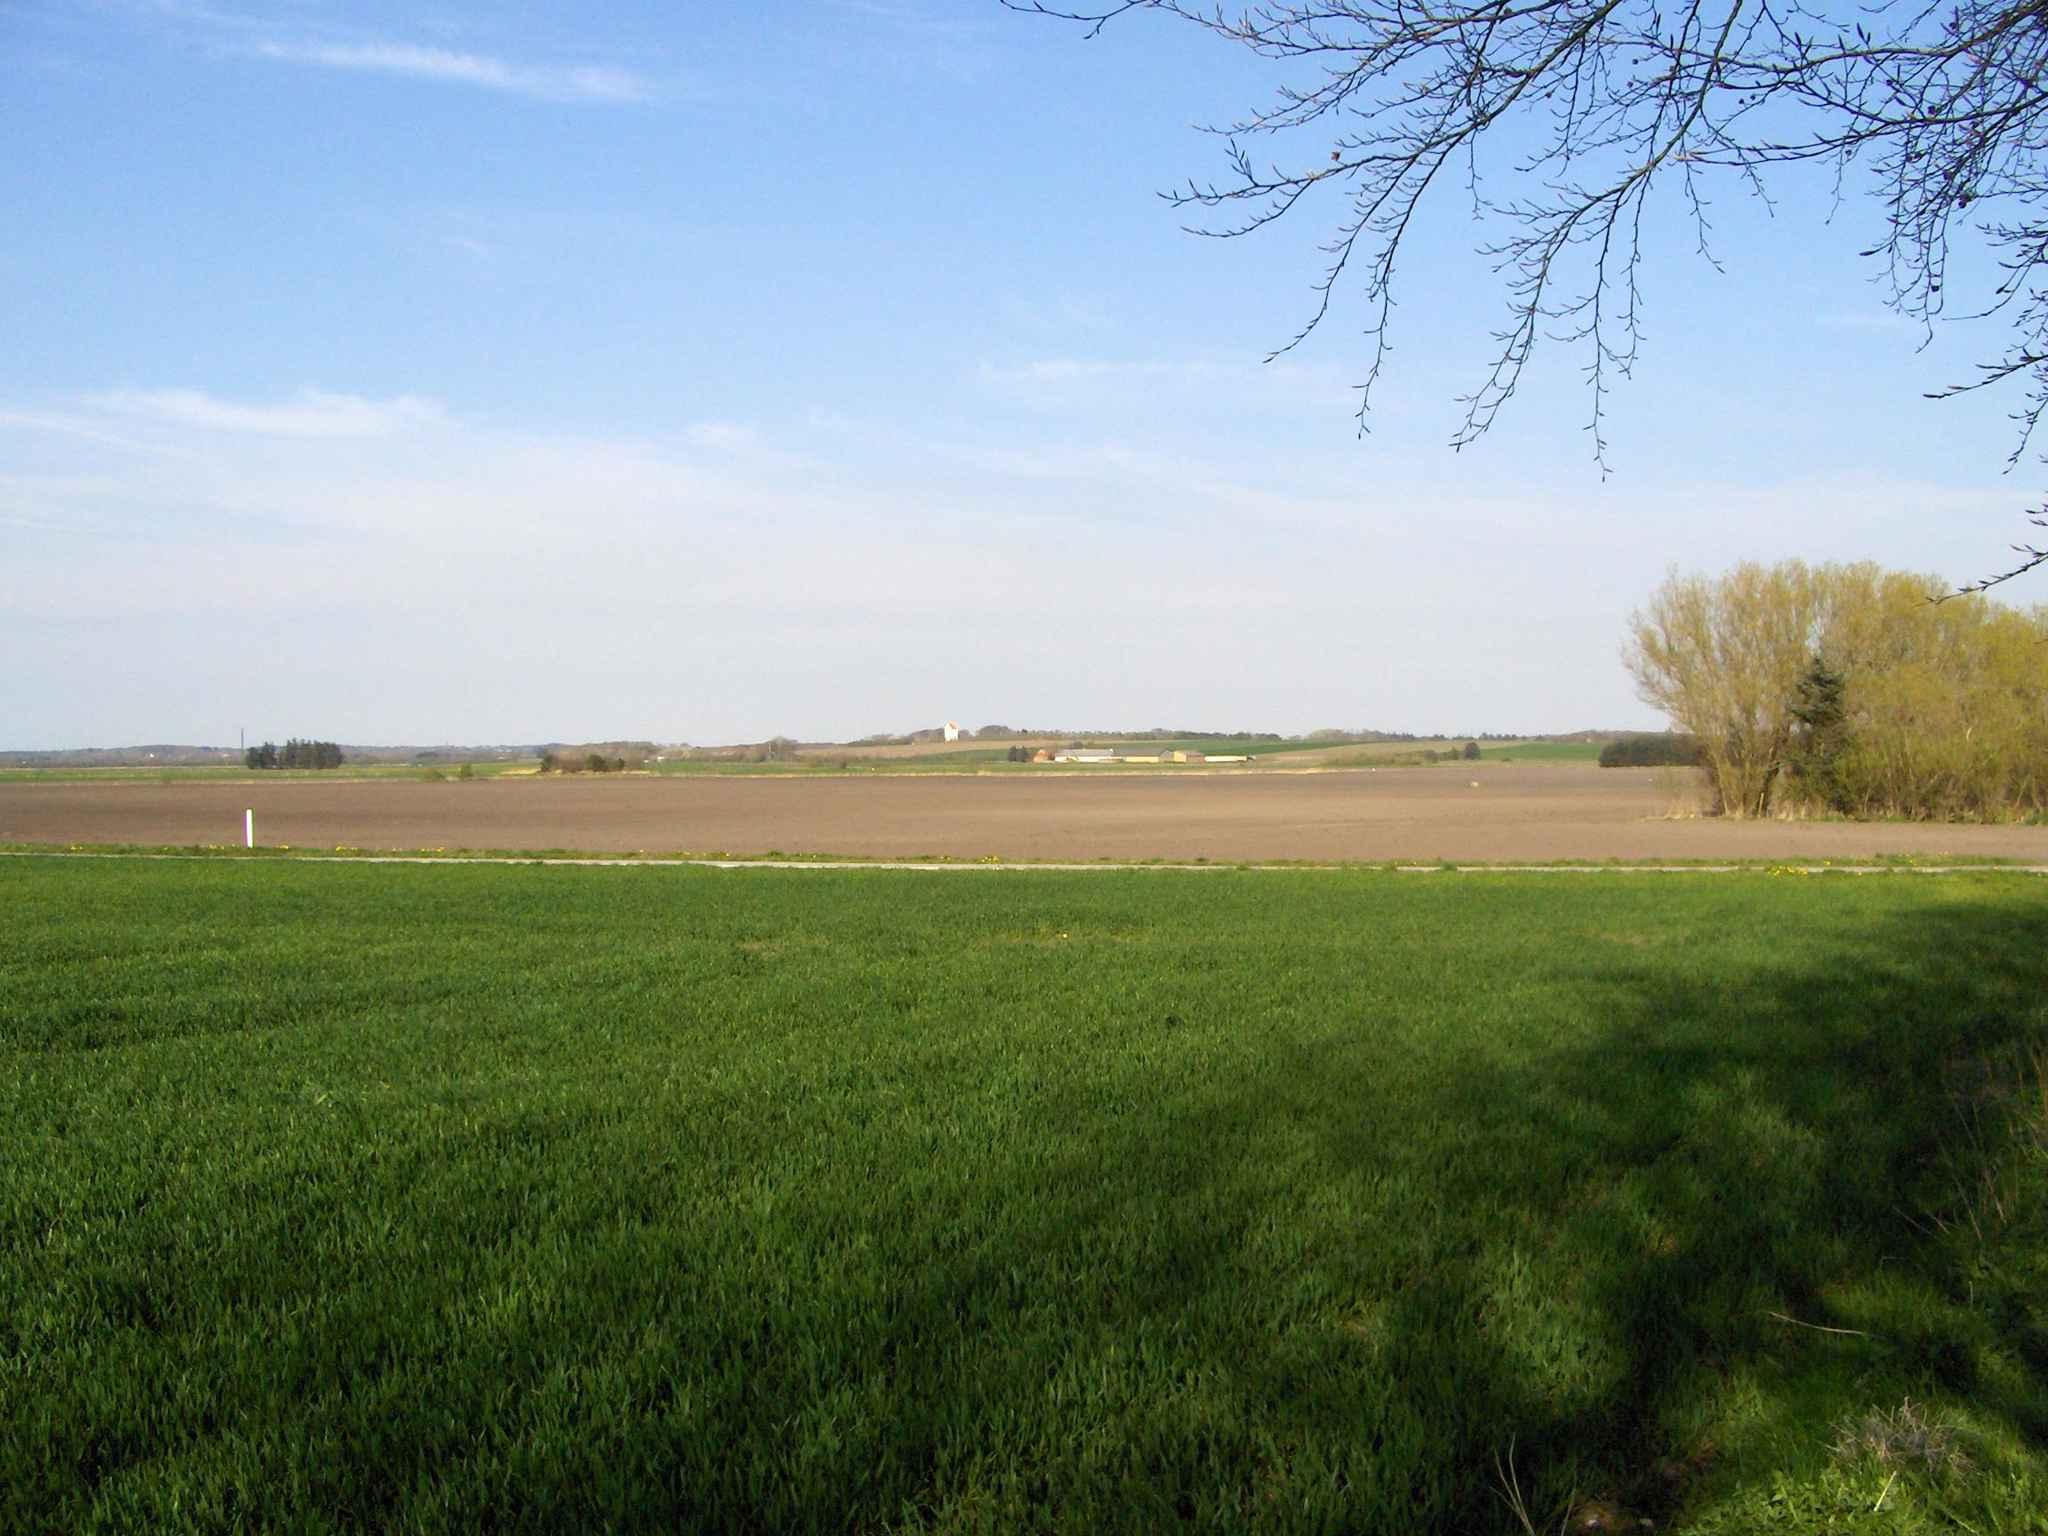 Ferienwohnung inkl. Kaminofen und schönem Blick auf die umliegenden Felder (1670562), Fjerritslev, , Nordwestjütland, Dänemark, Bild 7